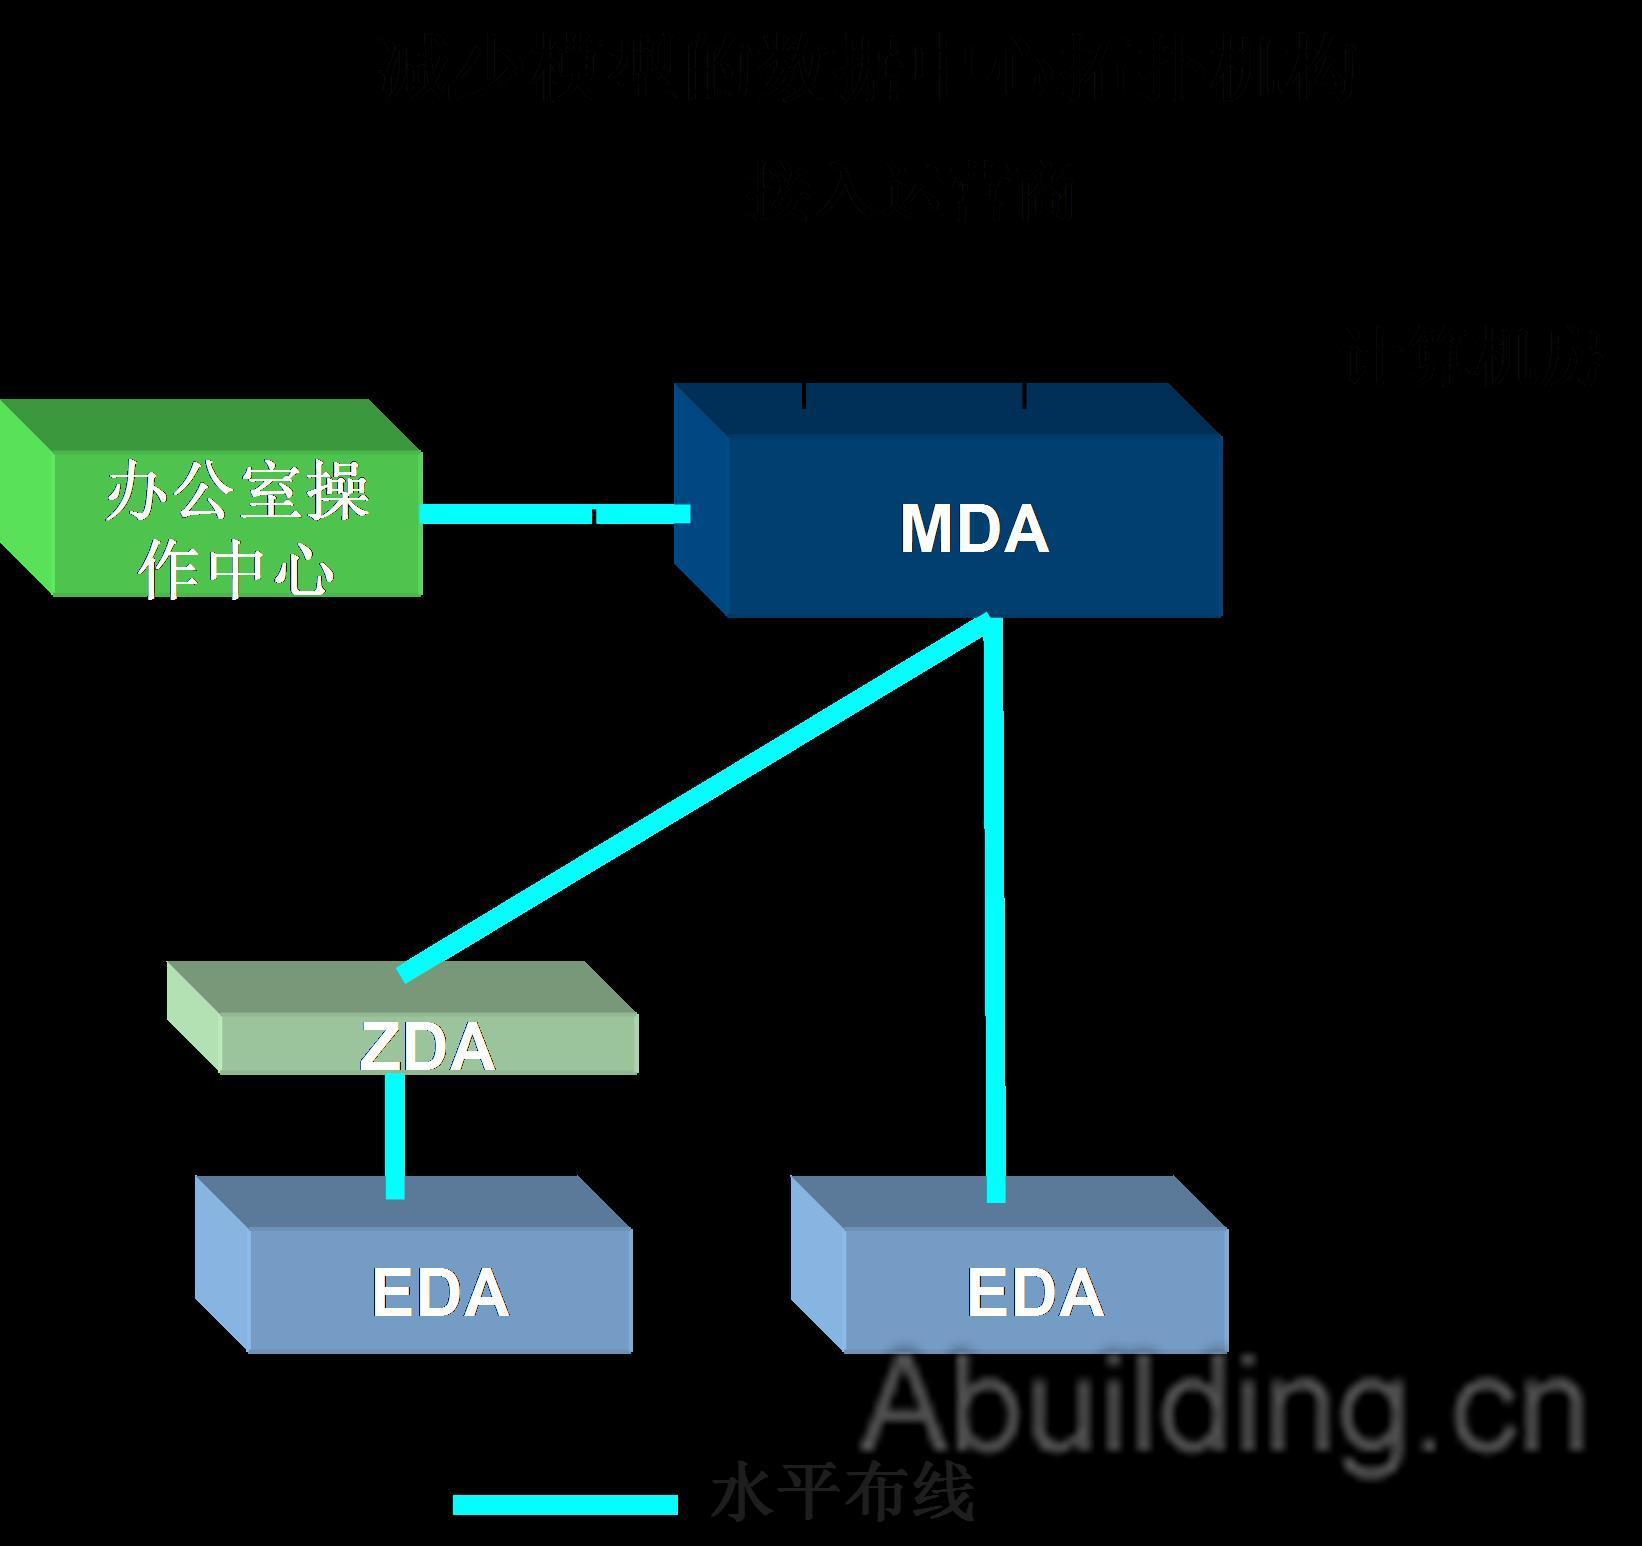 数据中心光纤布线系统的发展